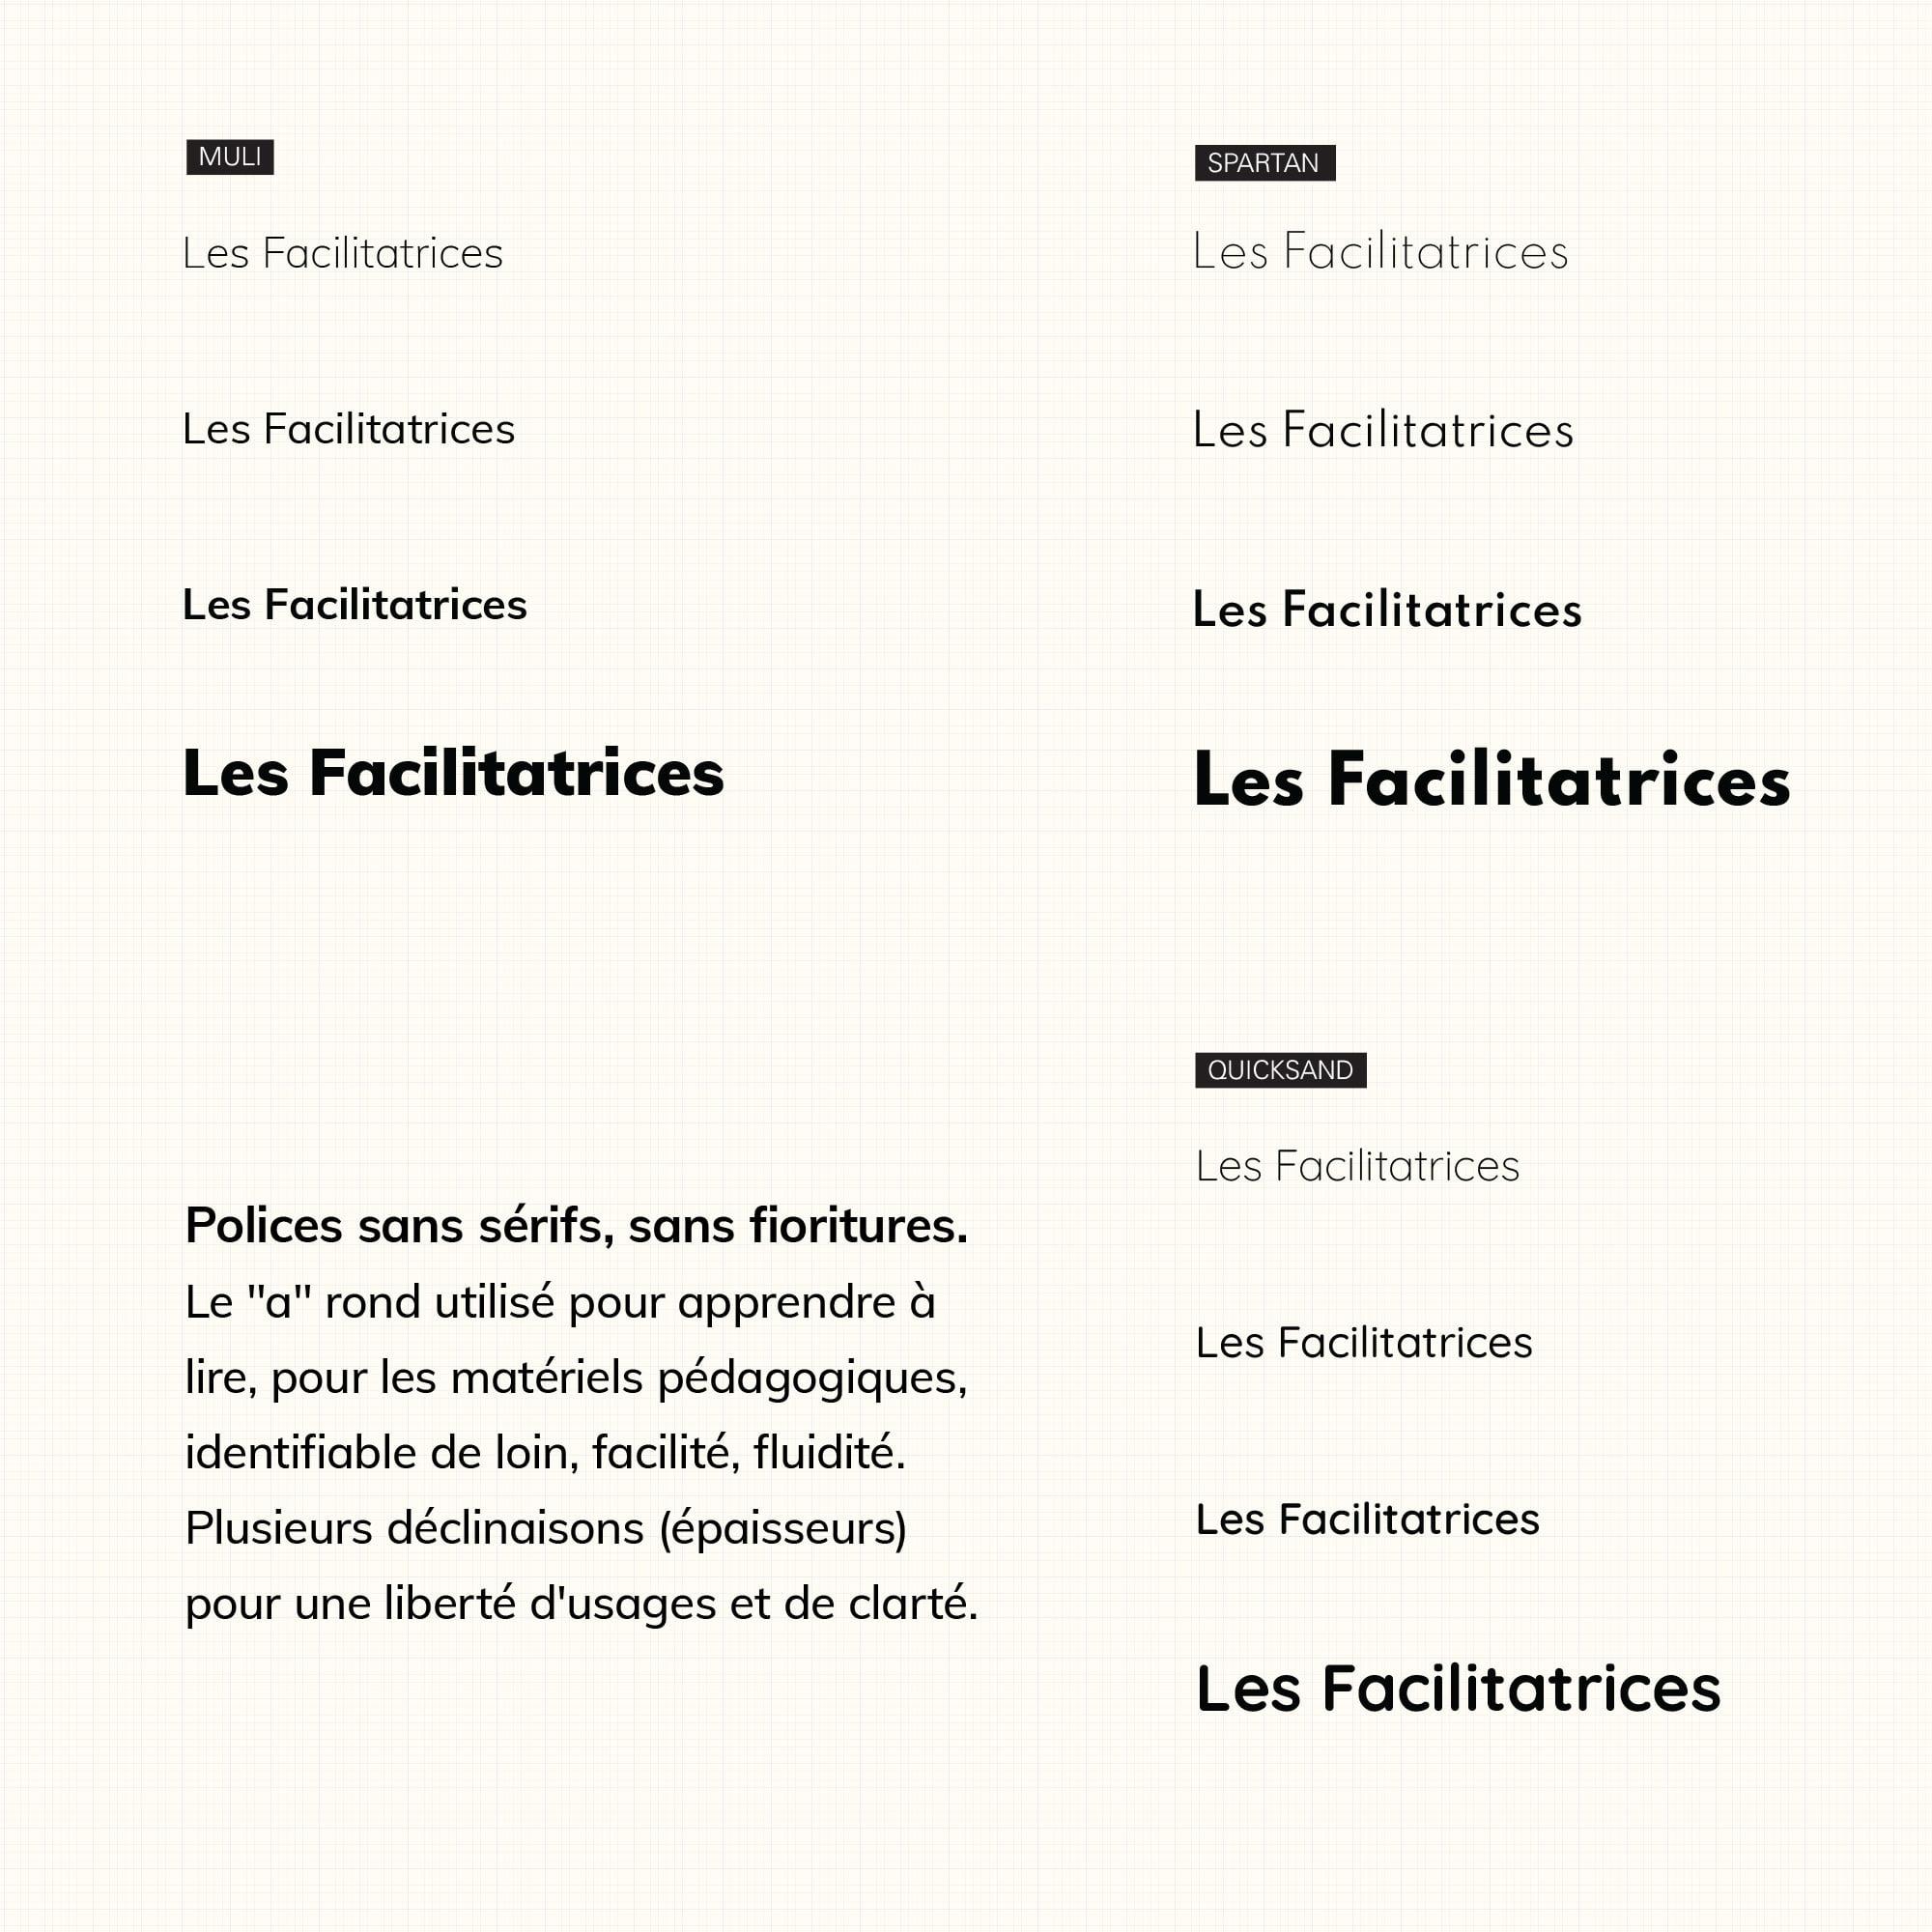 les Facilitatrices typographie